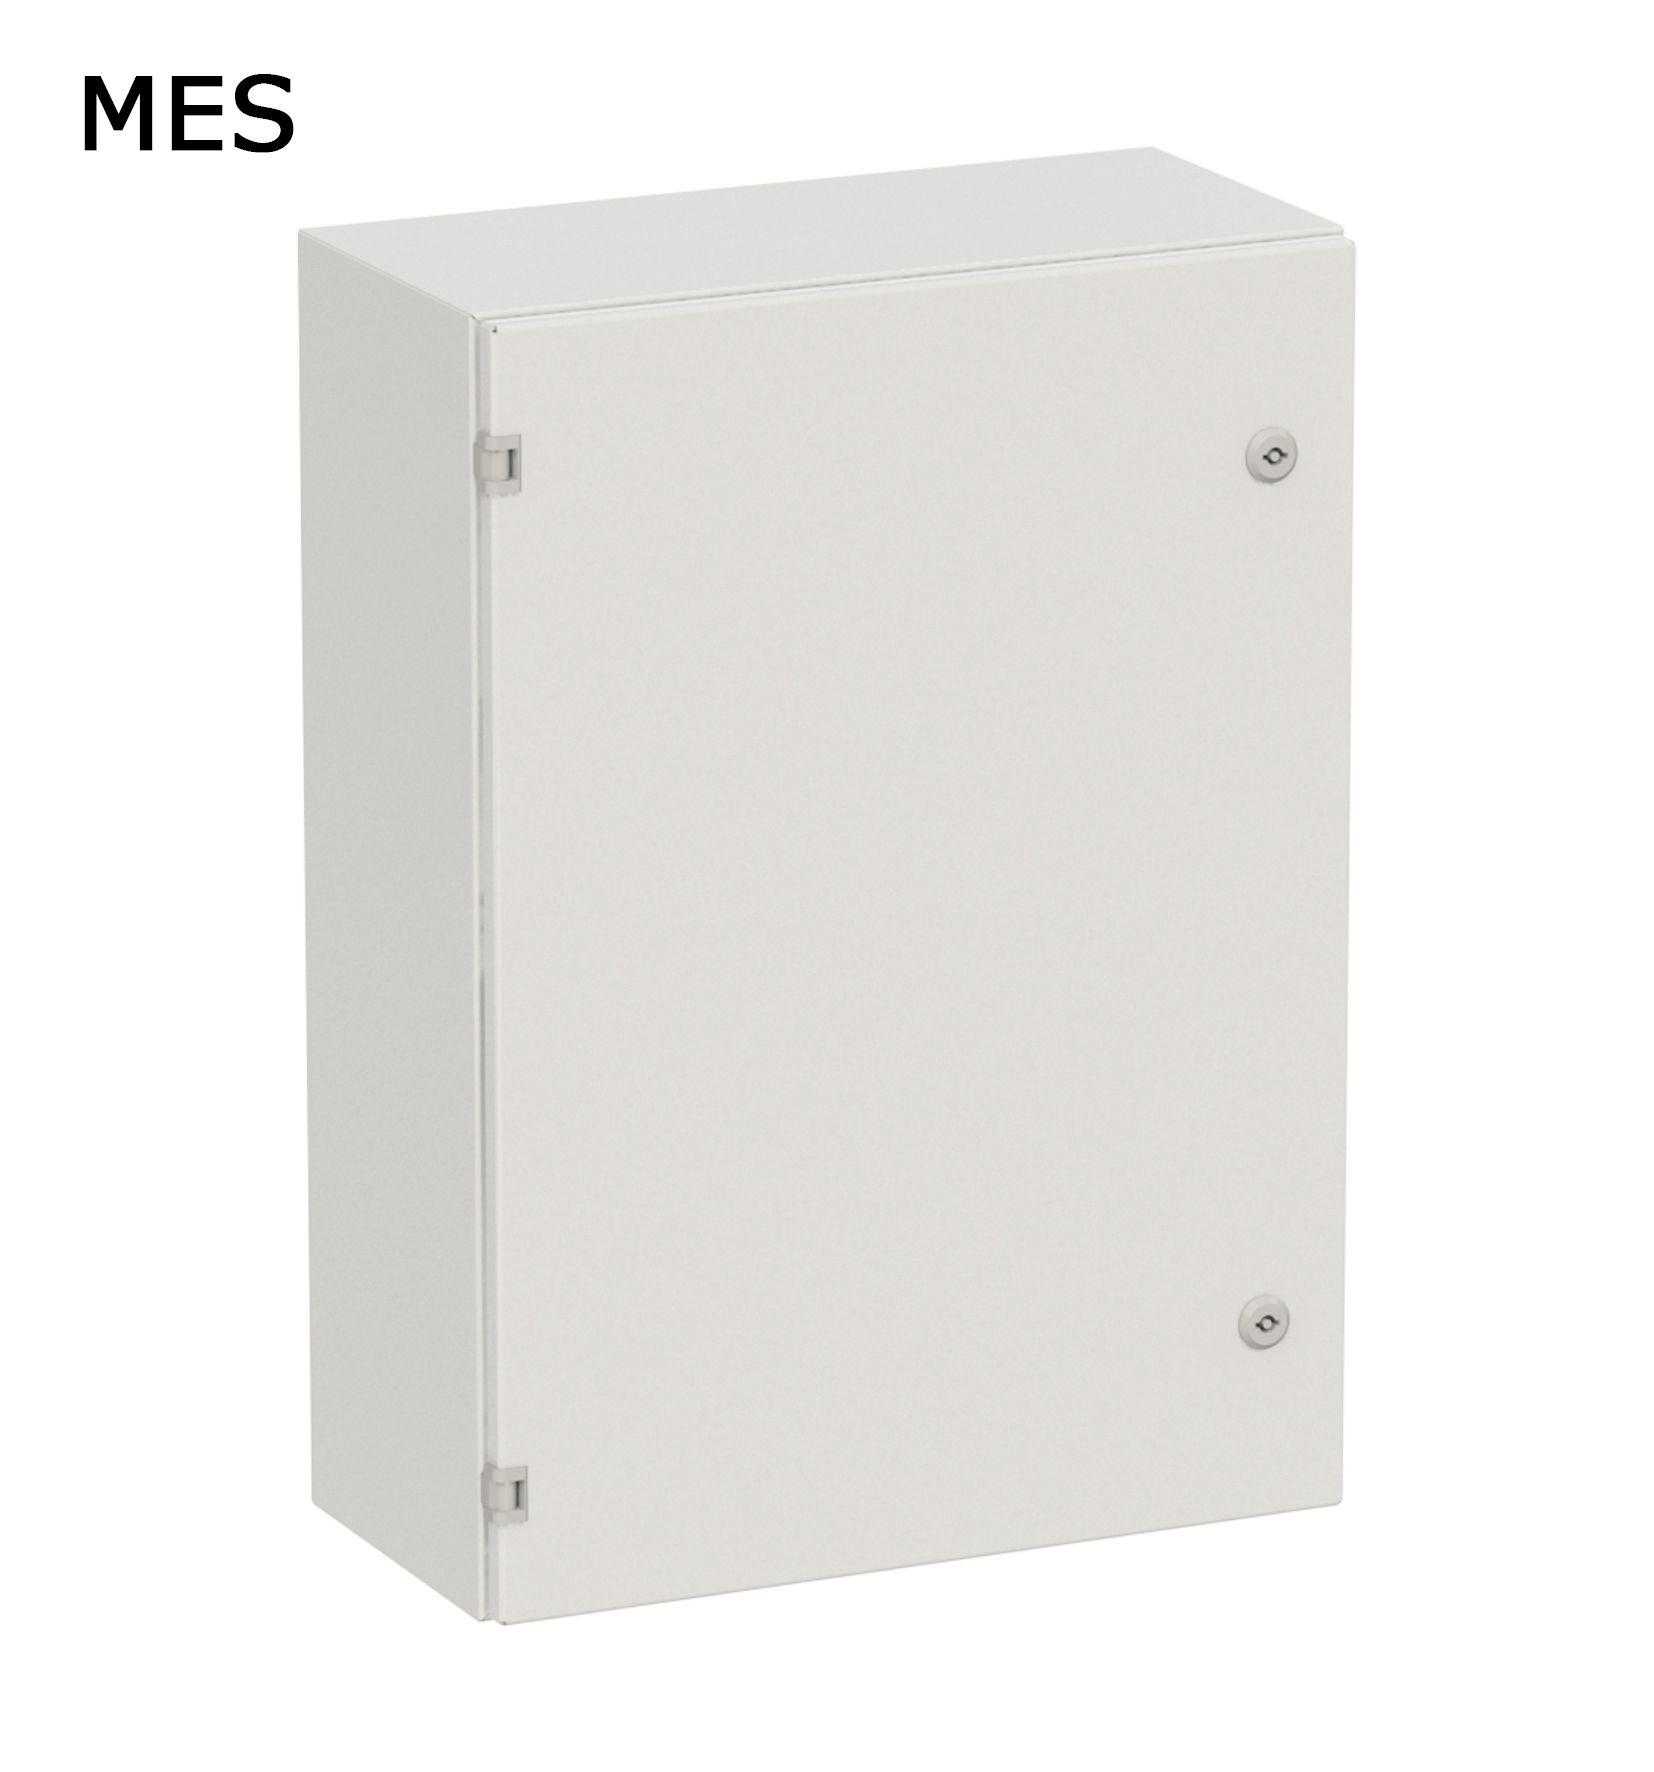 Шкаф компактный распределительный (MES 100.60.30 RAL3000)